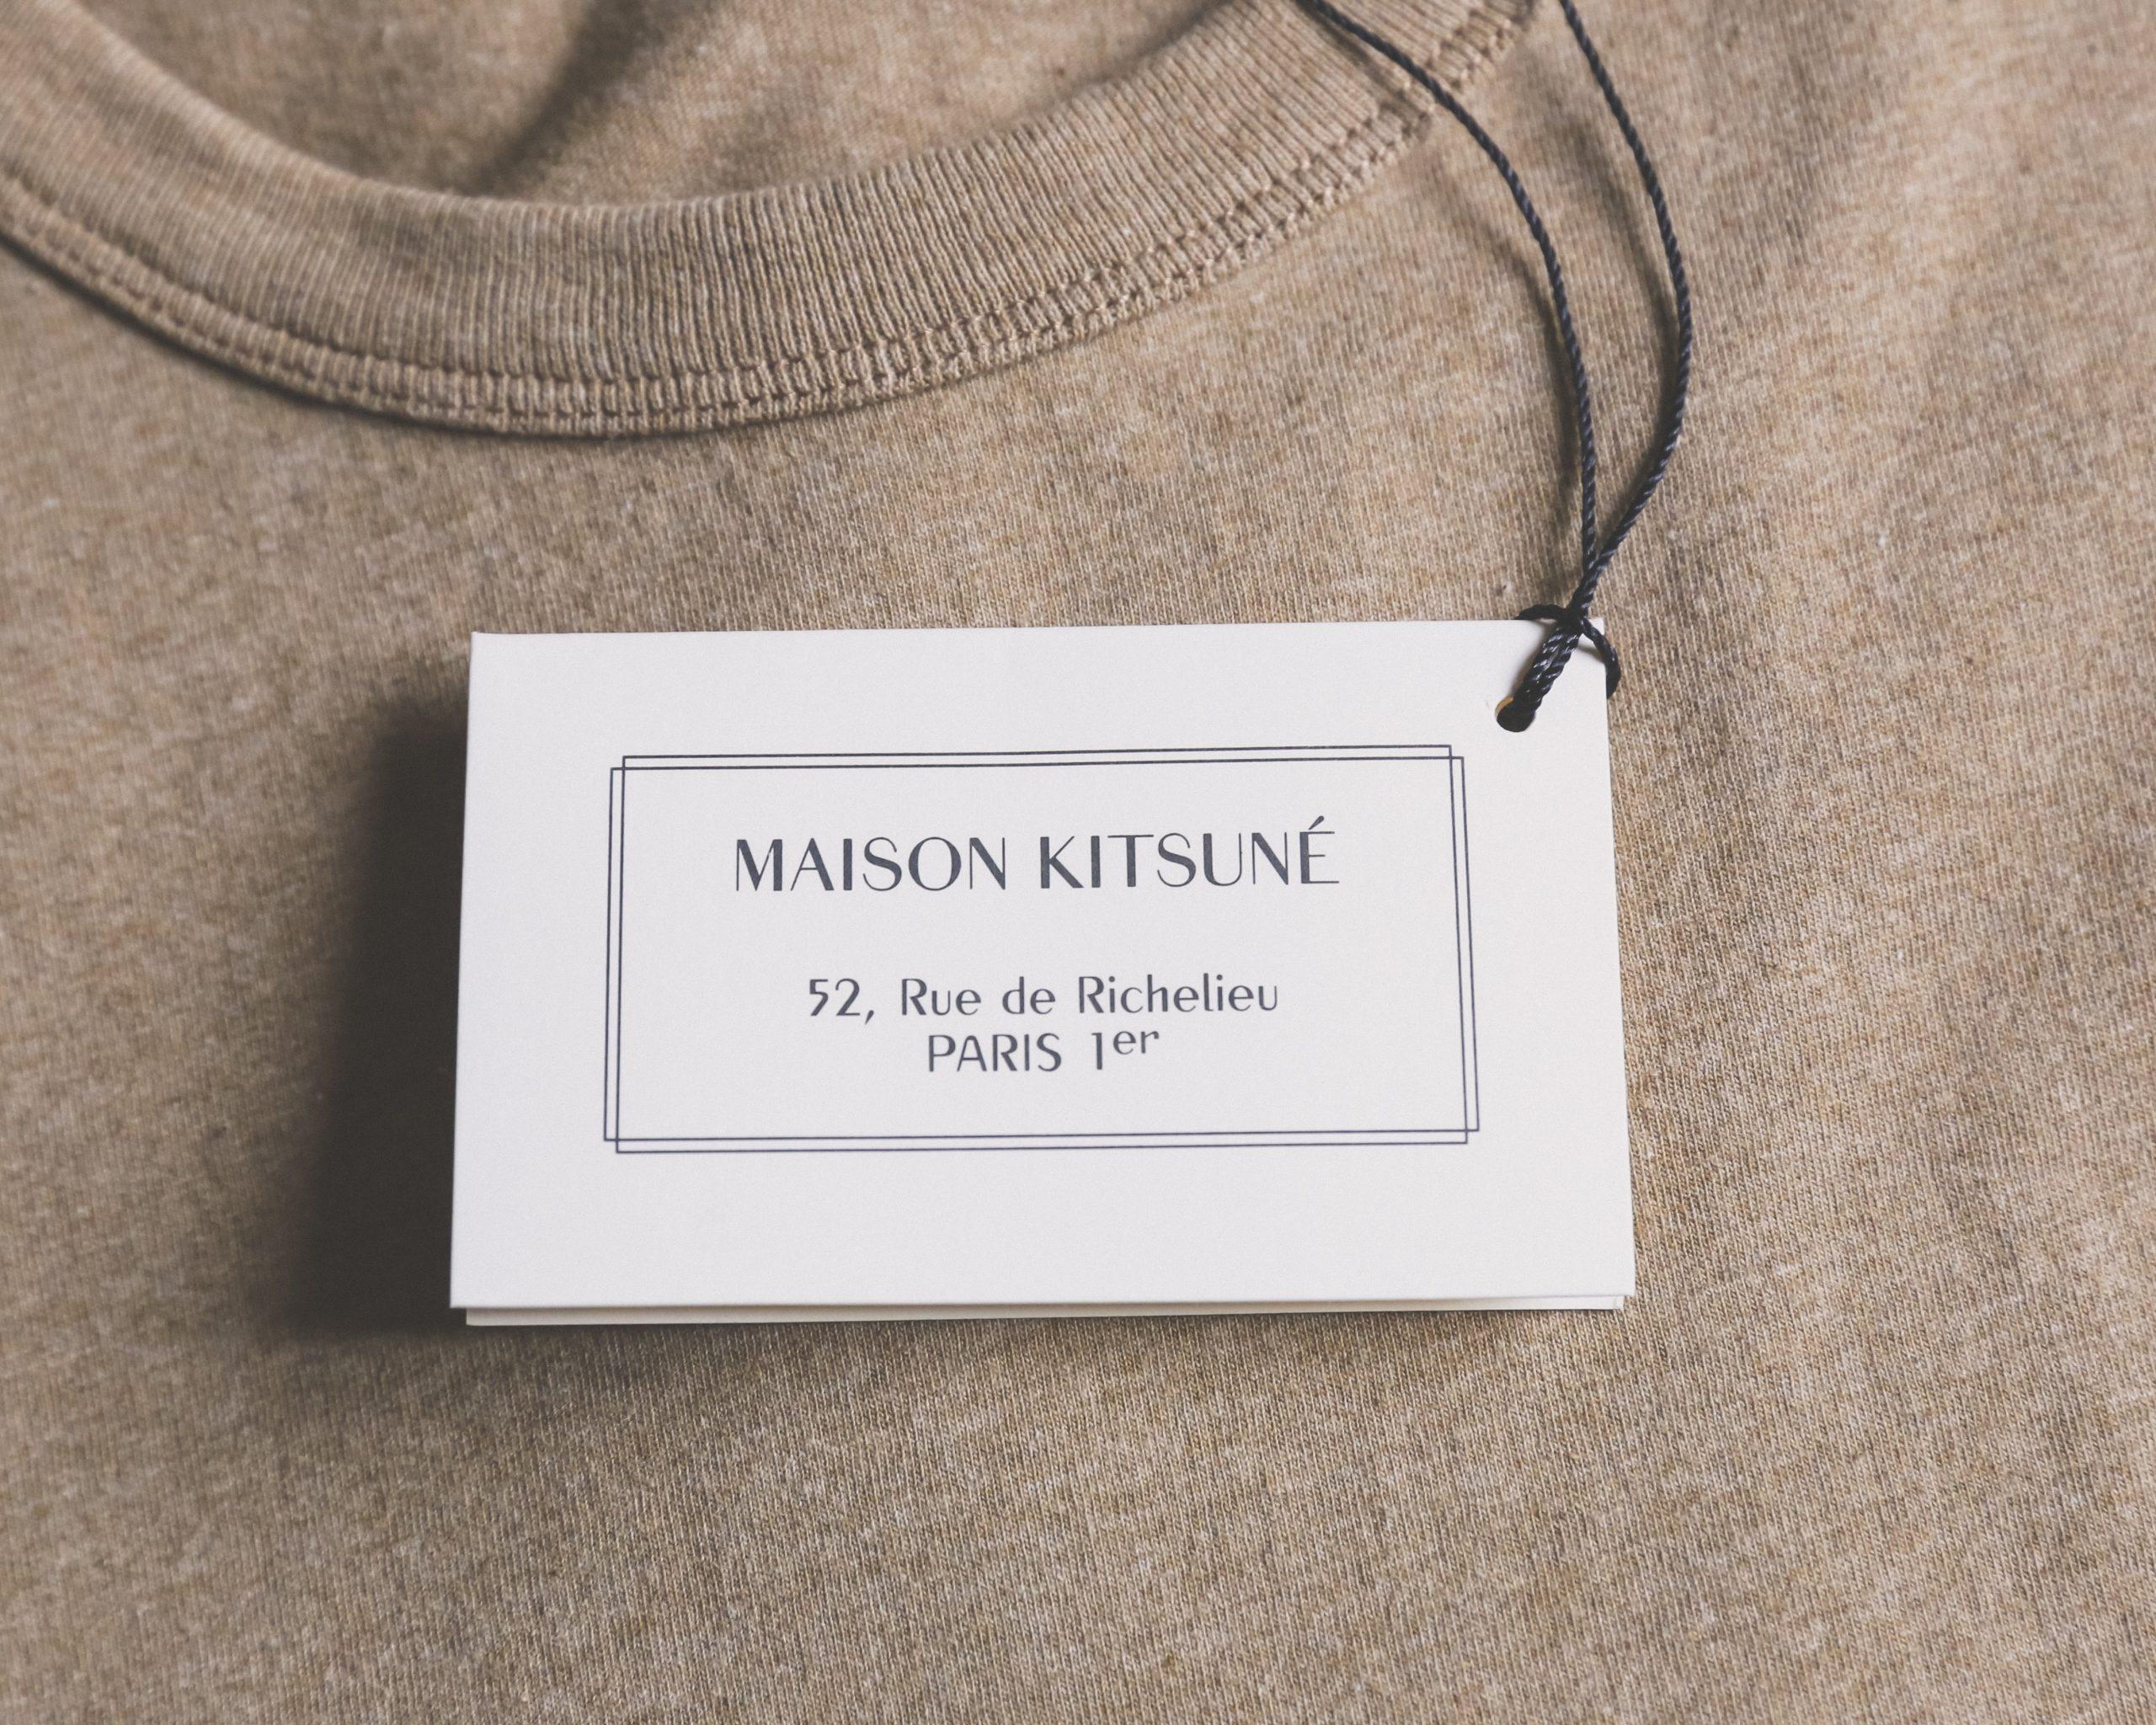 обязательная маркировка, средства маркировки товара, правила маркировки, особенности маркировки